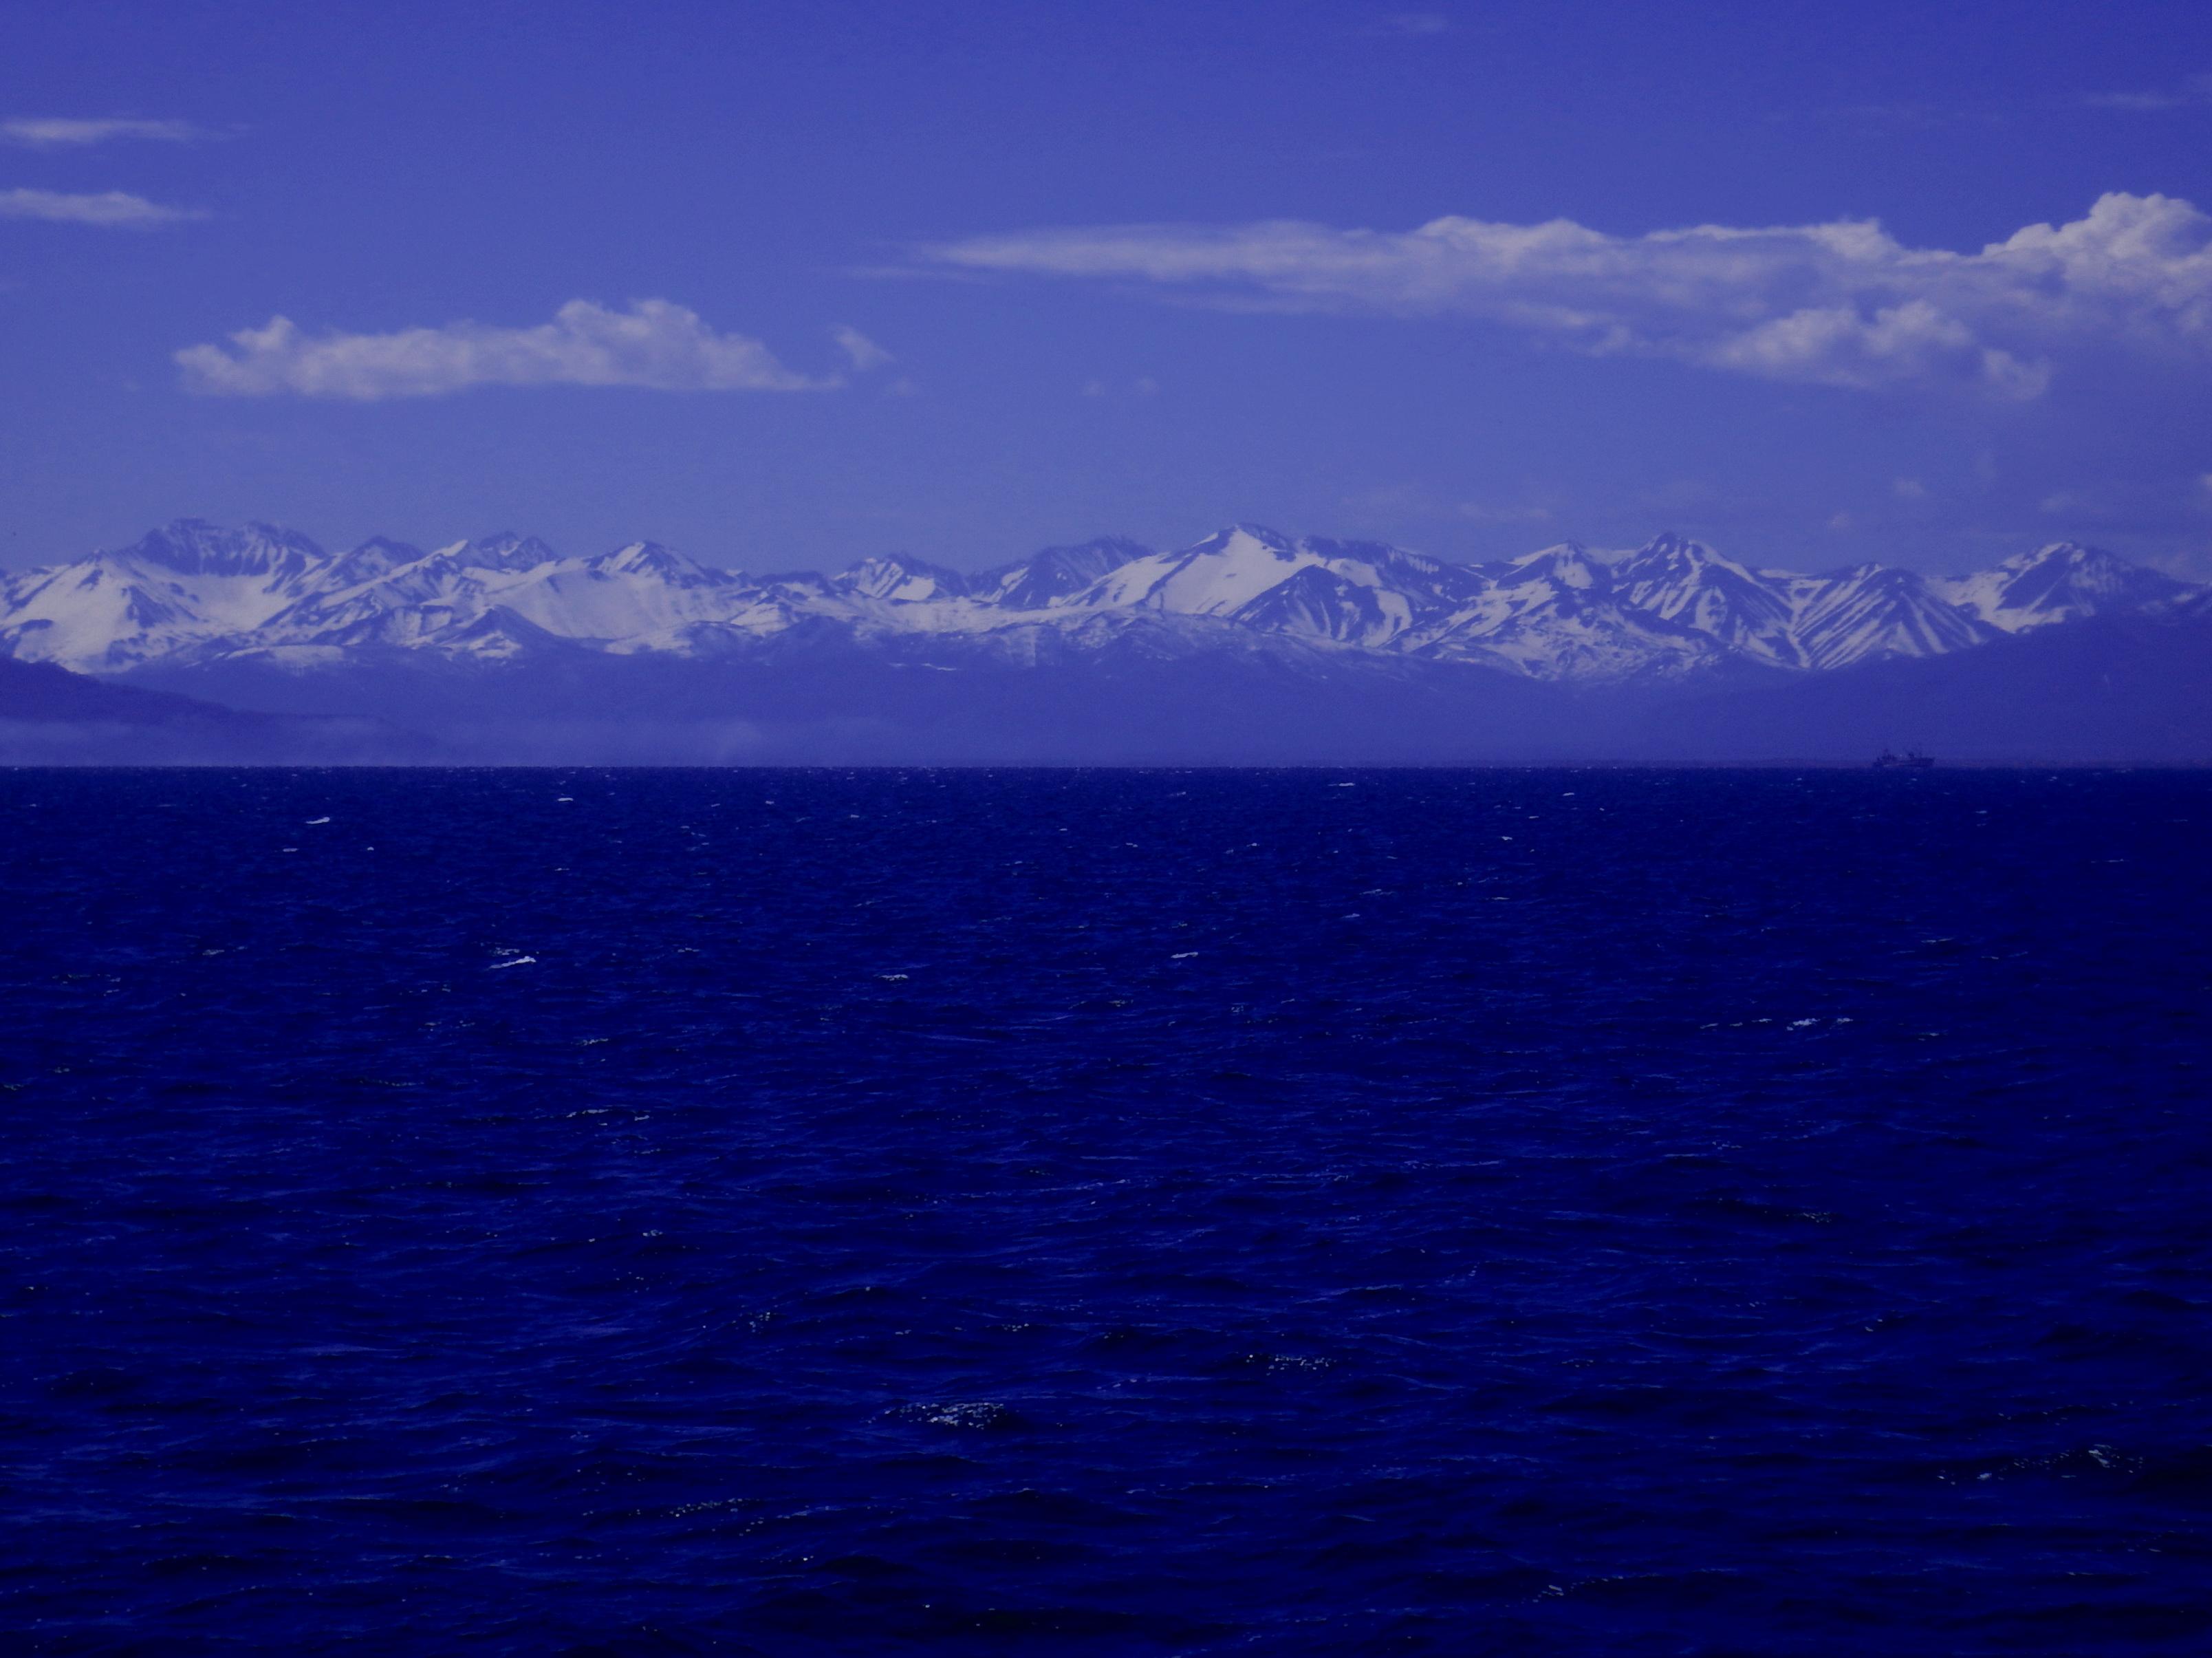 Камчатка, тихий океан